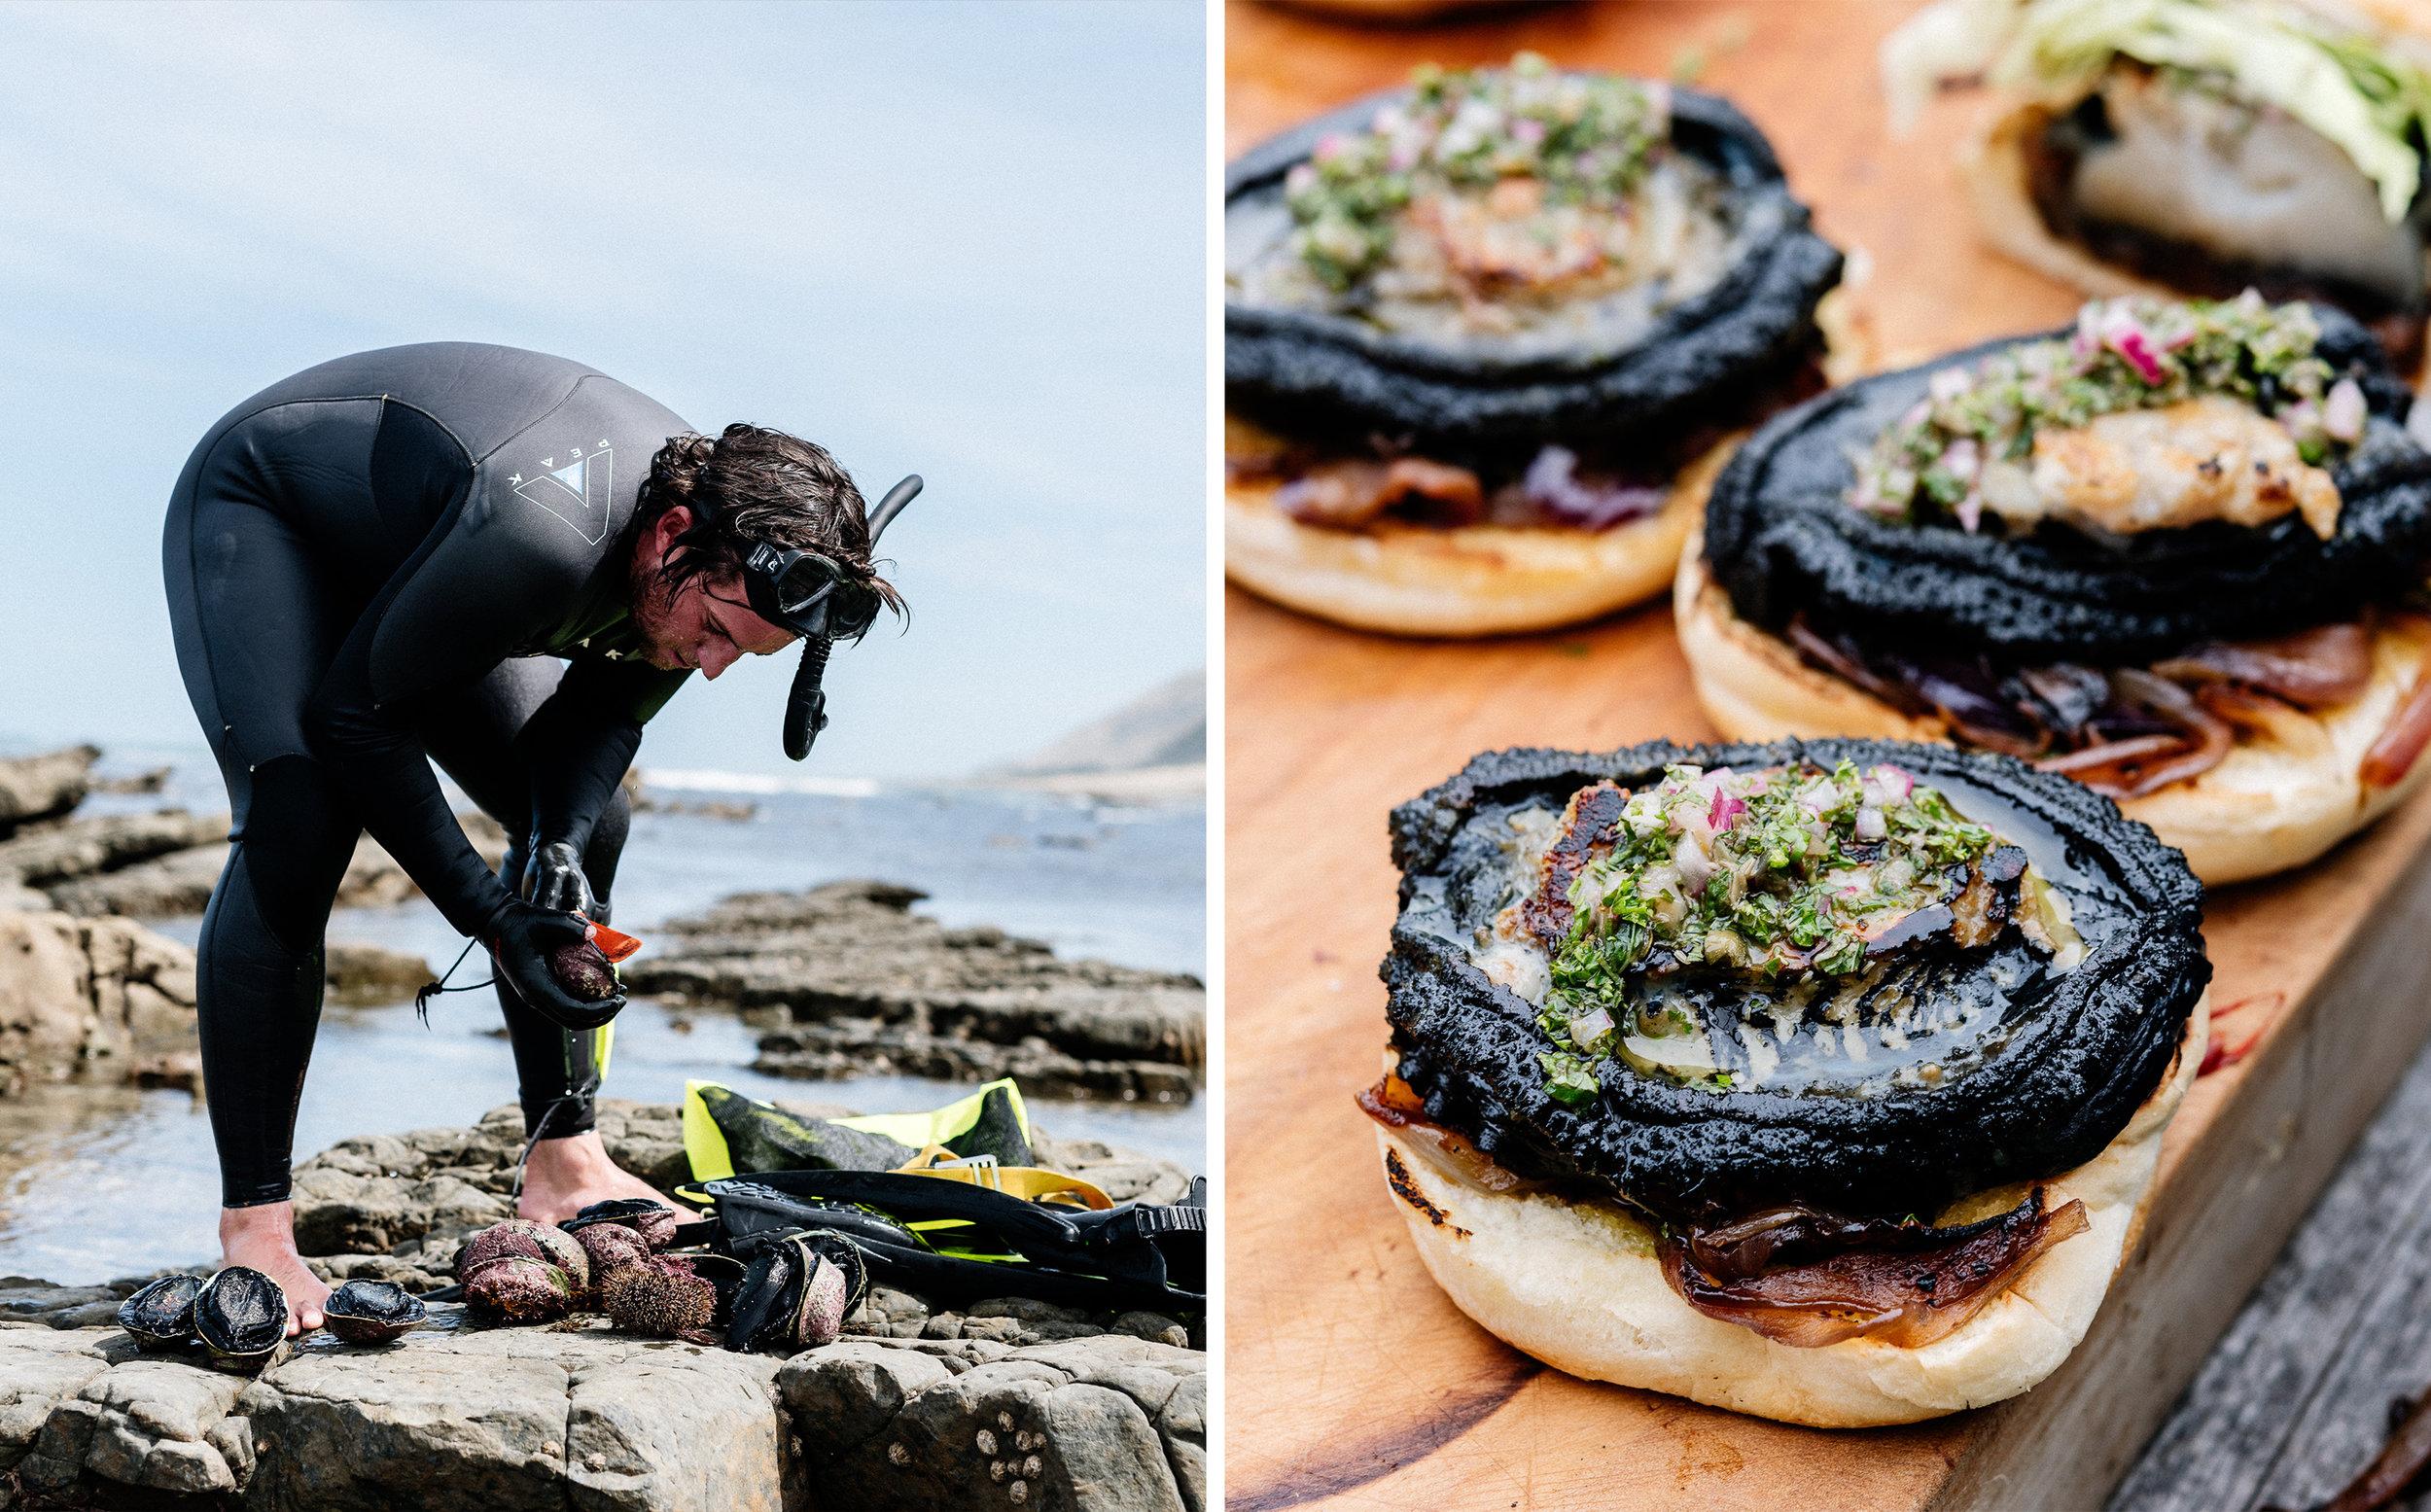 Al-Brown-Eat-Up-NZ-Cookbook-Josh-Griggs-Photographer-Splits-27.jpg